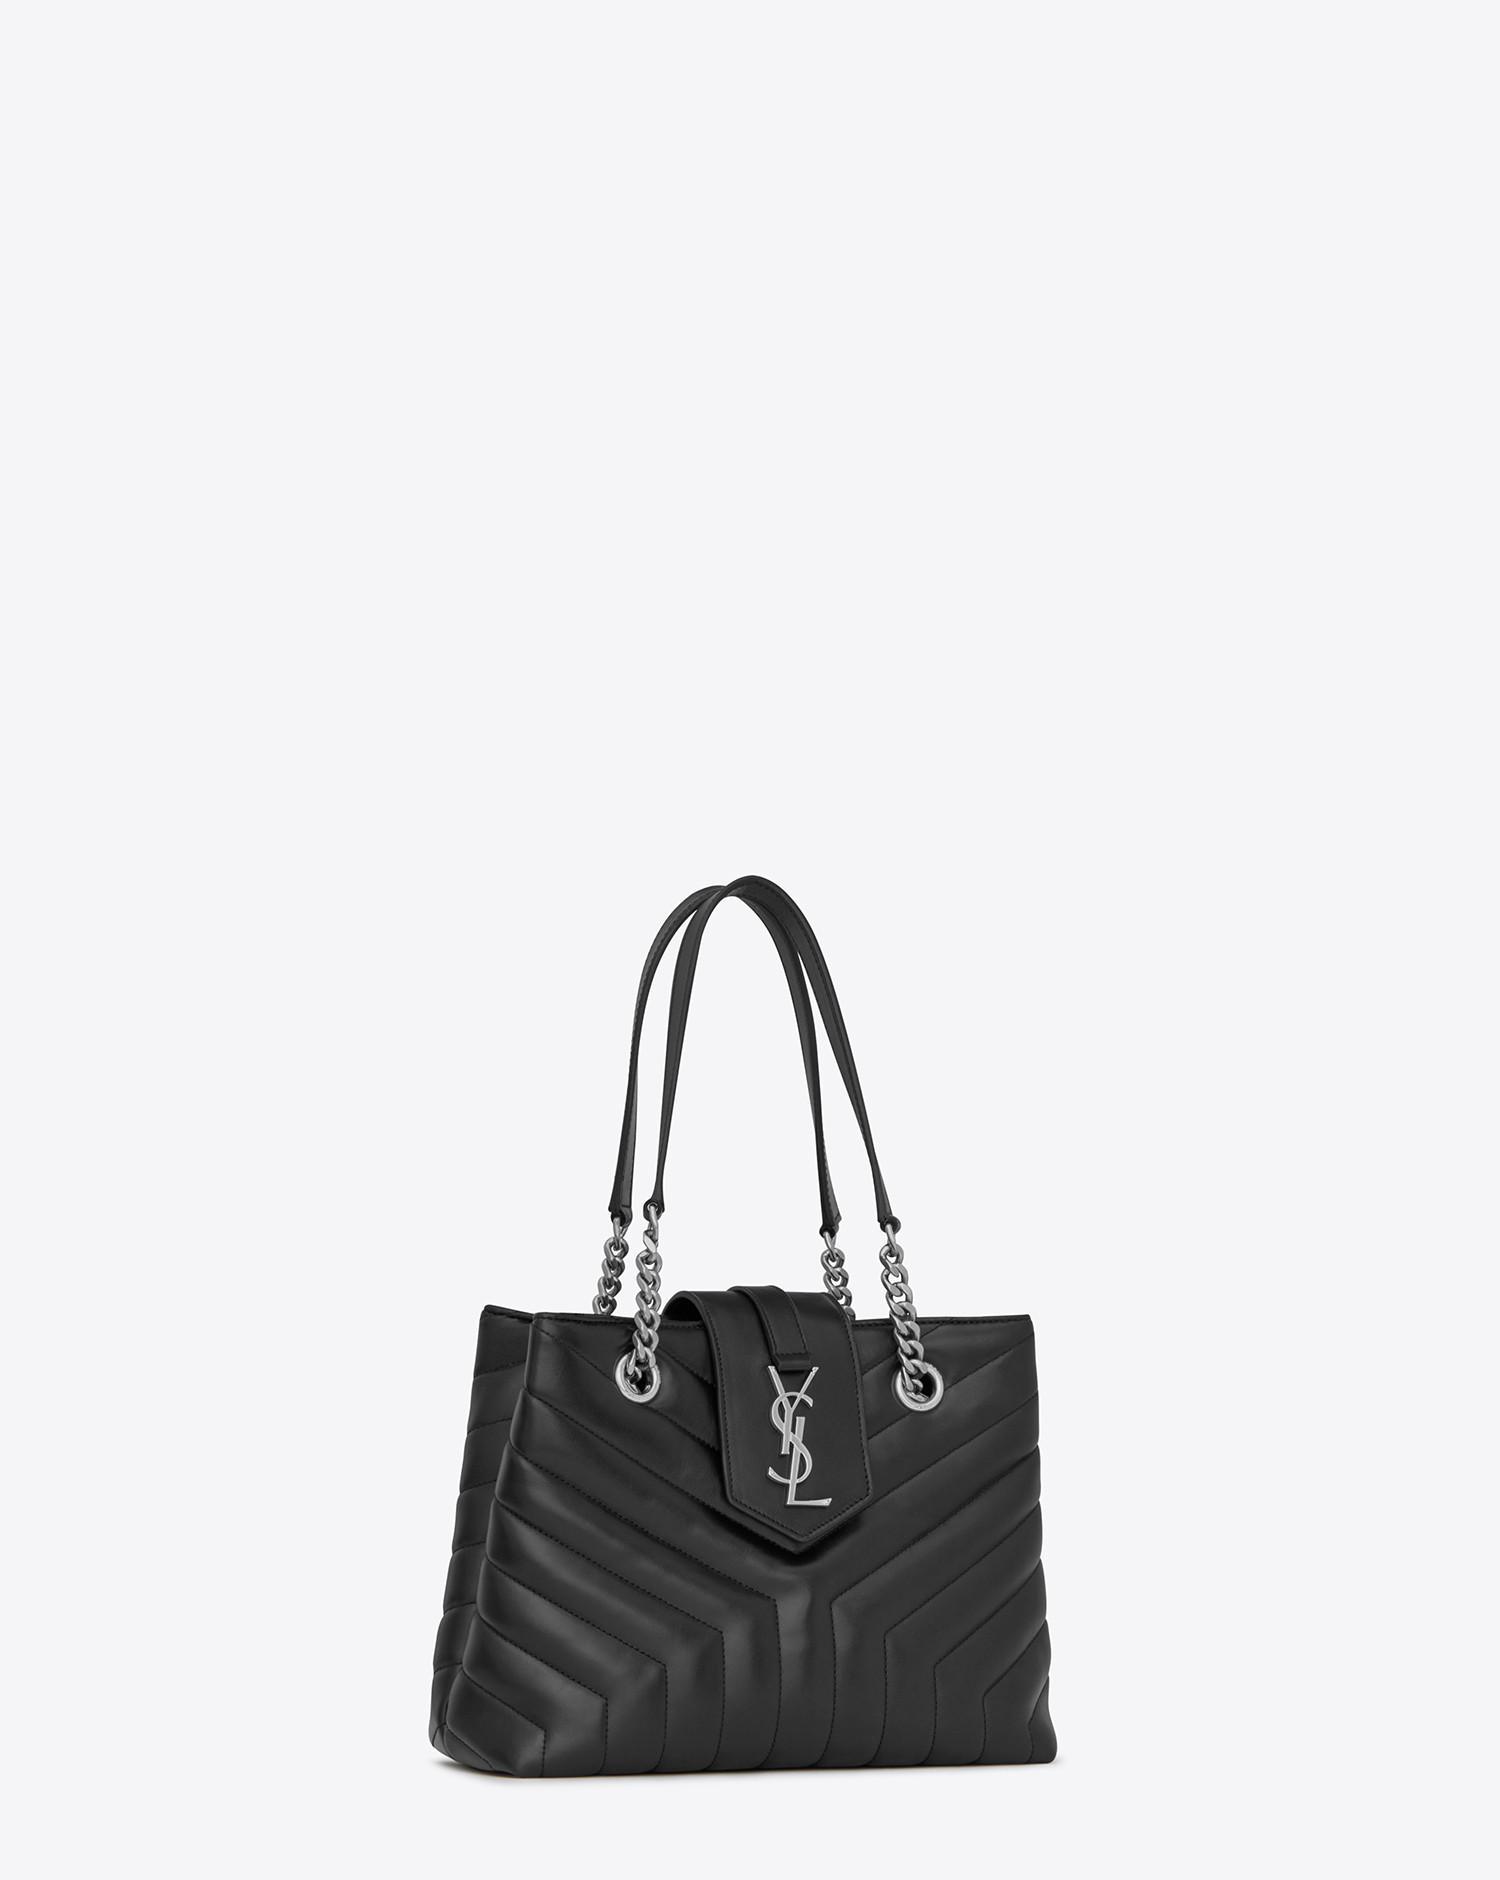 d3cb3bcc8 Lyst - Saint Laurent Monogramme Loulou in Black